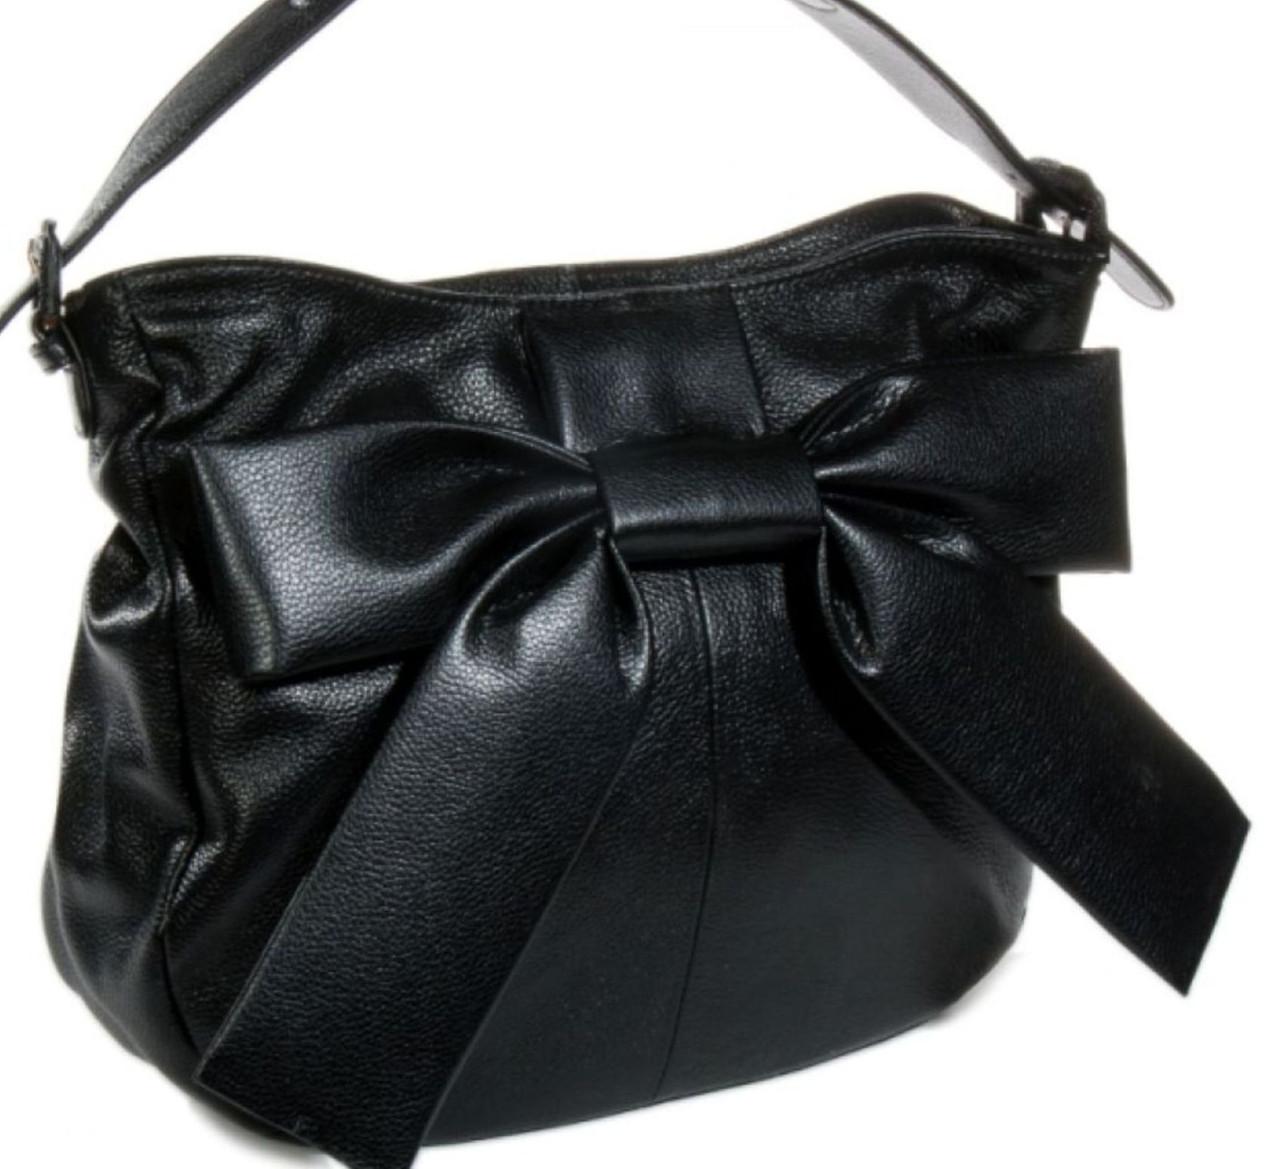 9d145a762bde Купить женскую сумку, клатч Velina Fabbiano в интернет магазине ...